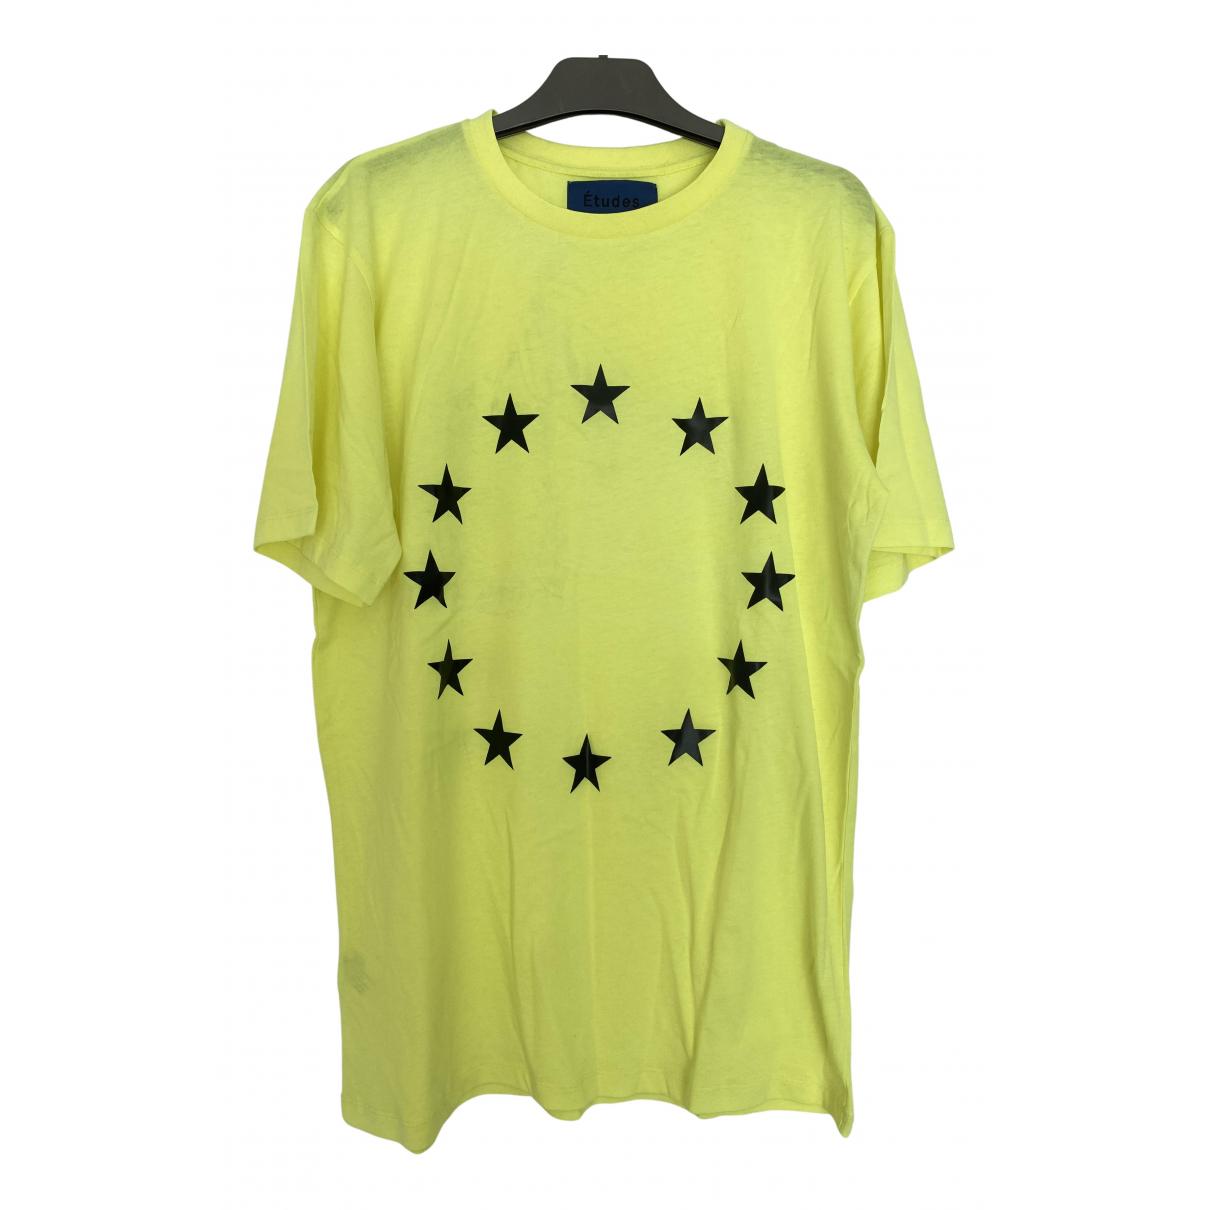 Etudes Studio - Tee shirts   pour homme en coton - jaune